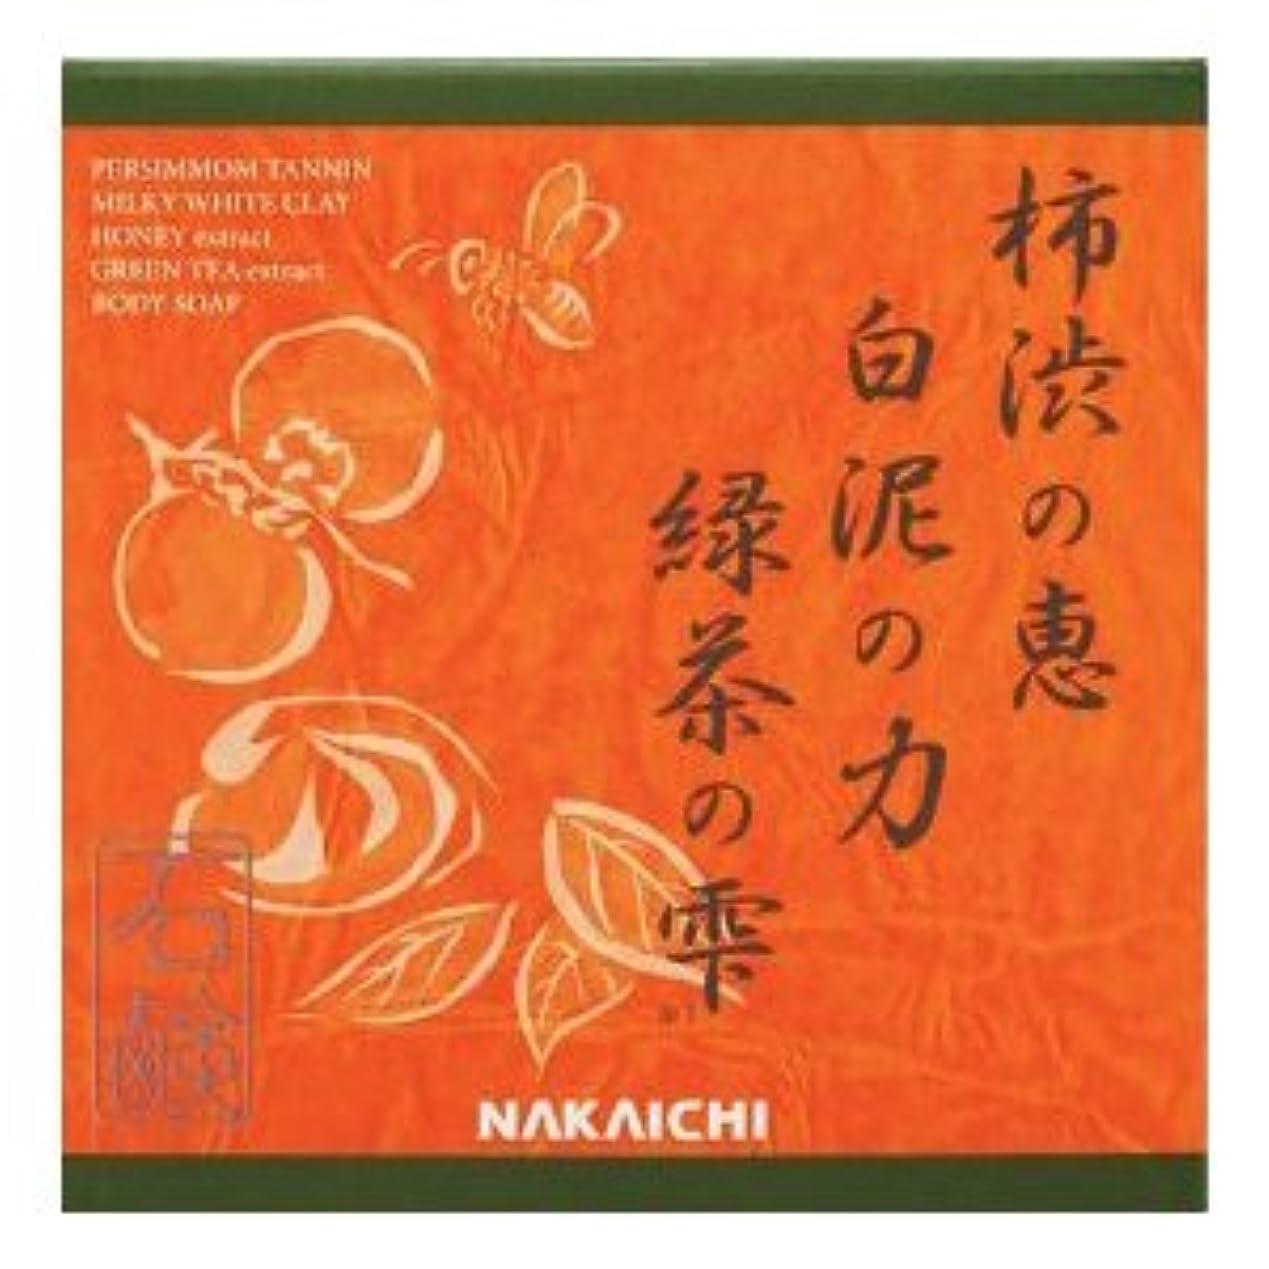 カーテン寸法嵐の柿渋の恵み?白泥の力?緑茶の雫  Nakaichi クリアボディーソープ  100g  (化粧品)